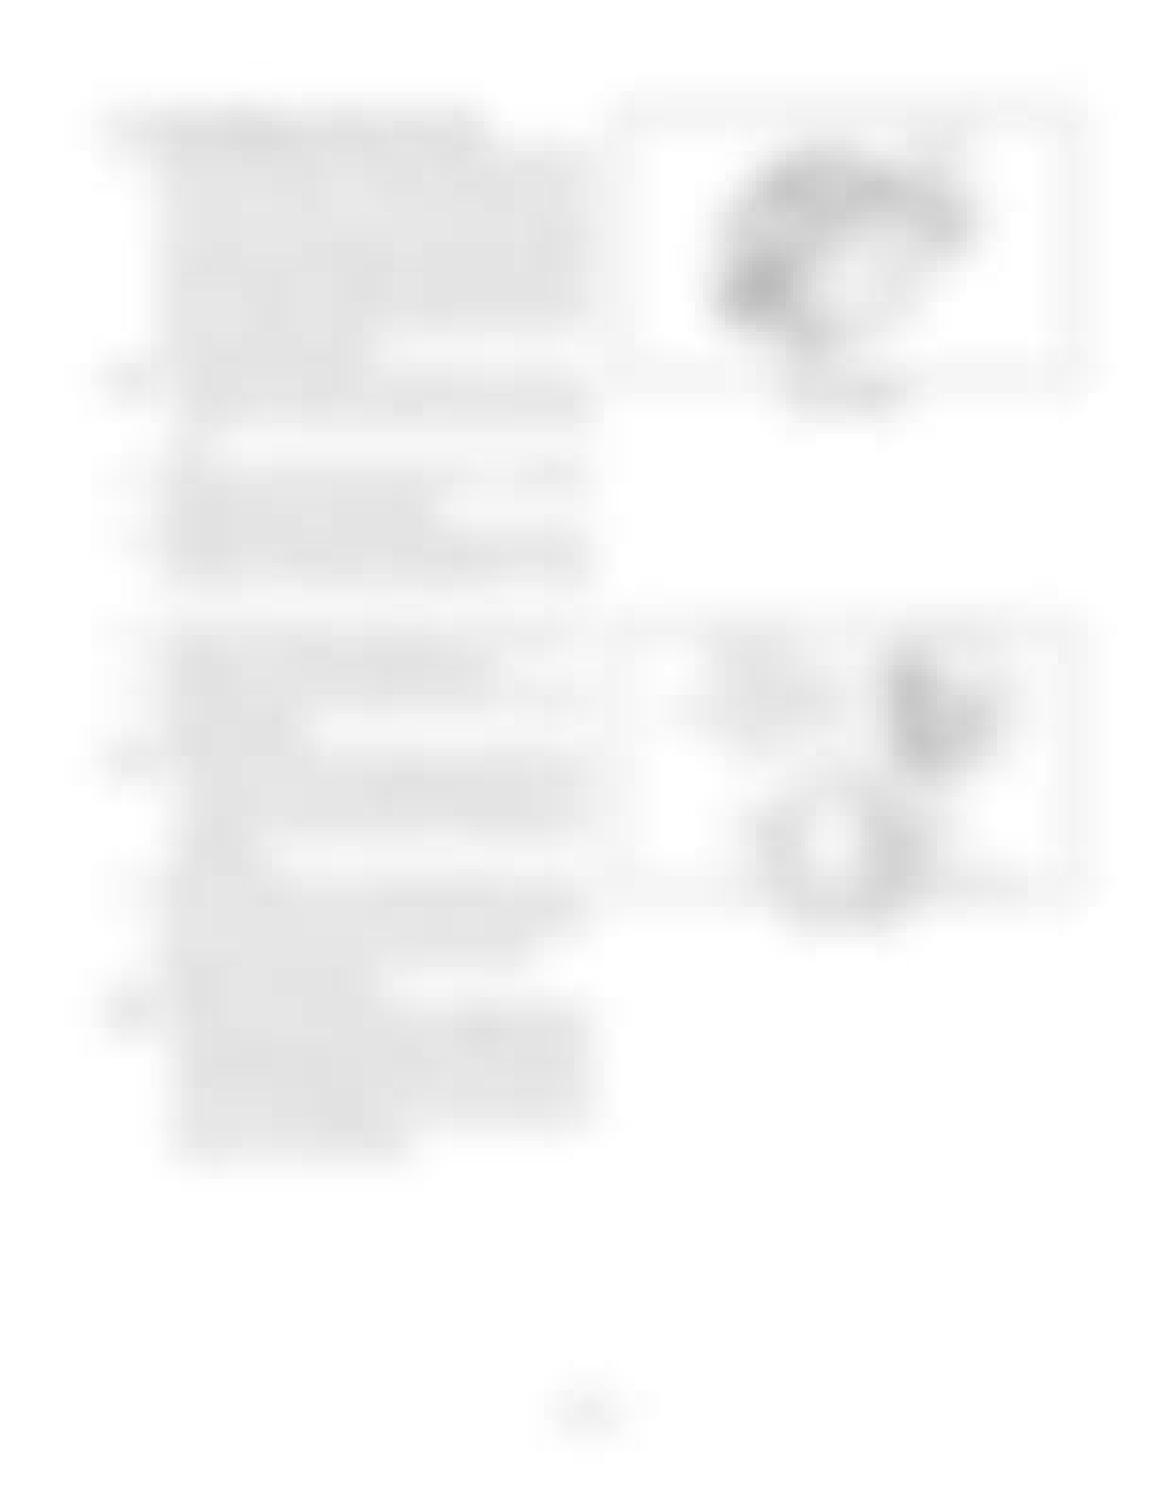 Hitachi LX110-7 LX130-7 LX160-7 LX190-7 LX230-7 Wheel Loader Workshop Manual - PDF DOWNLOAD page 297